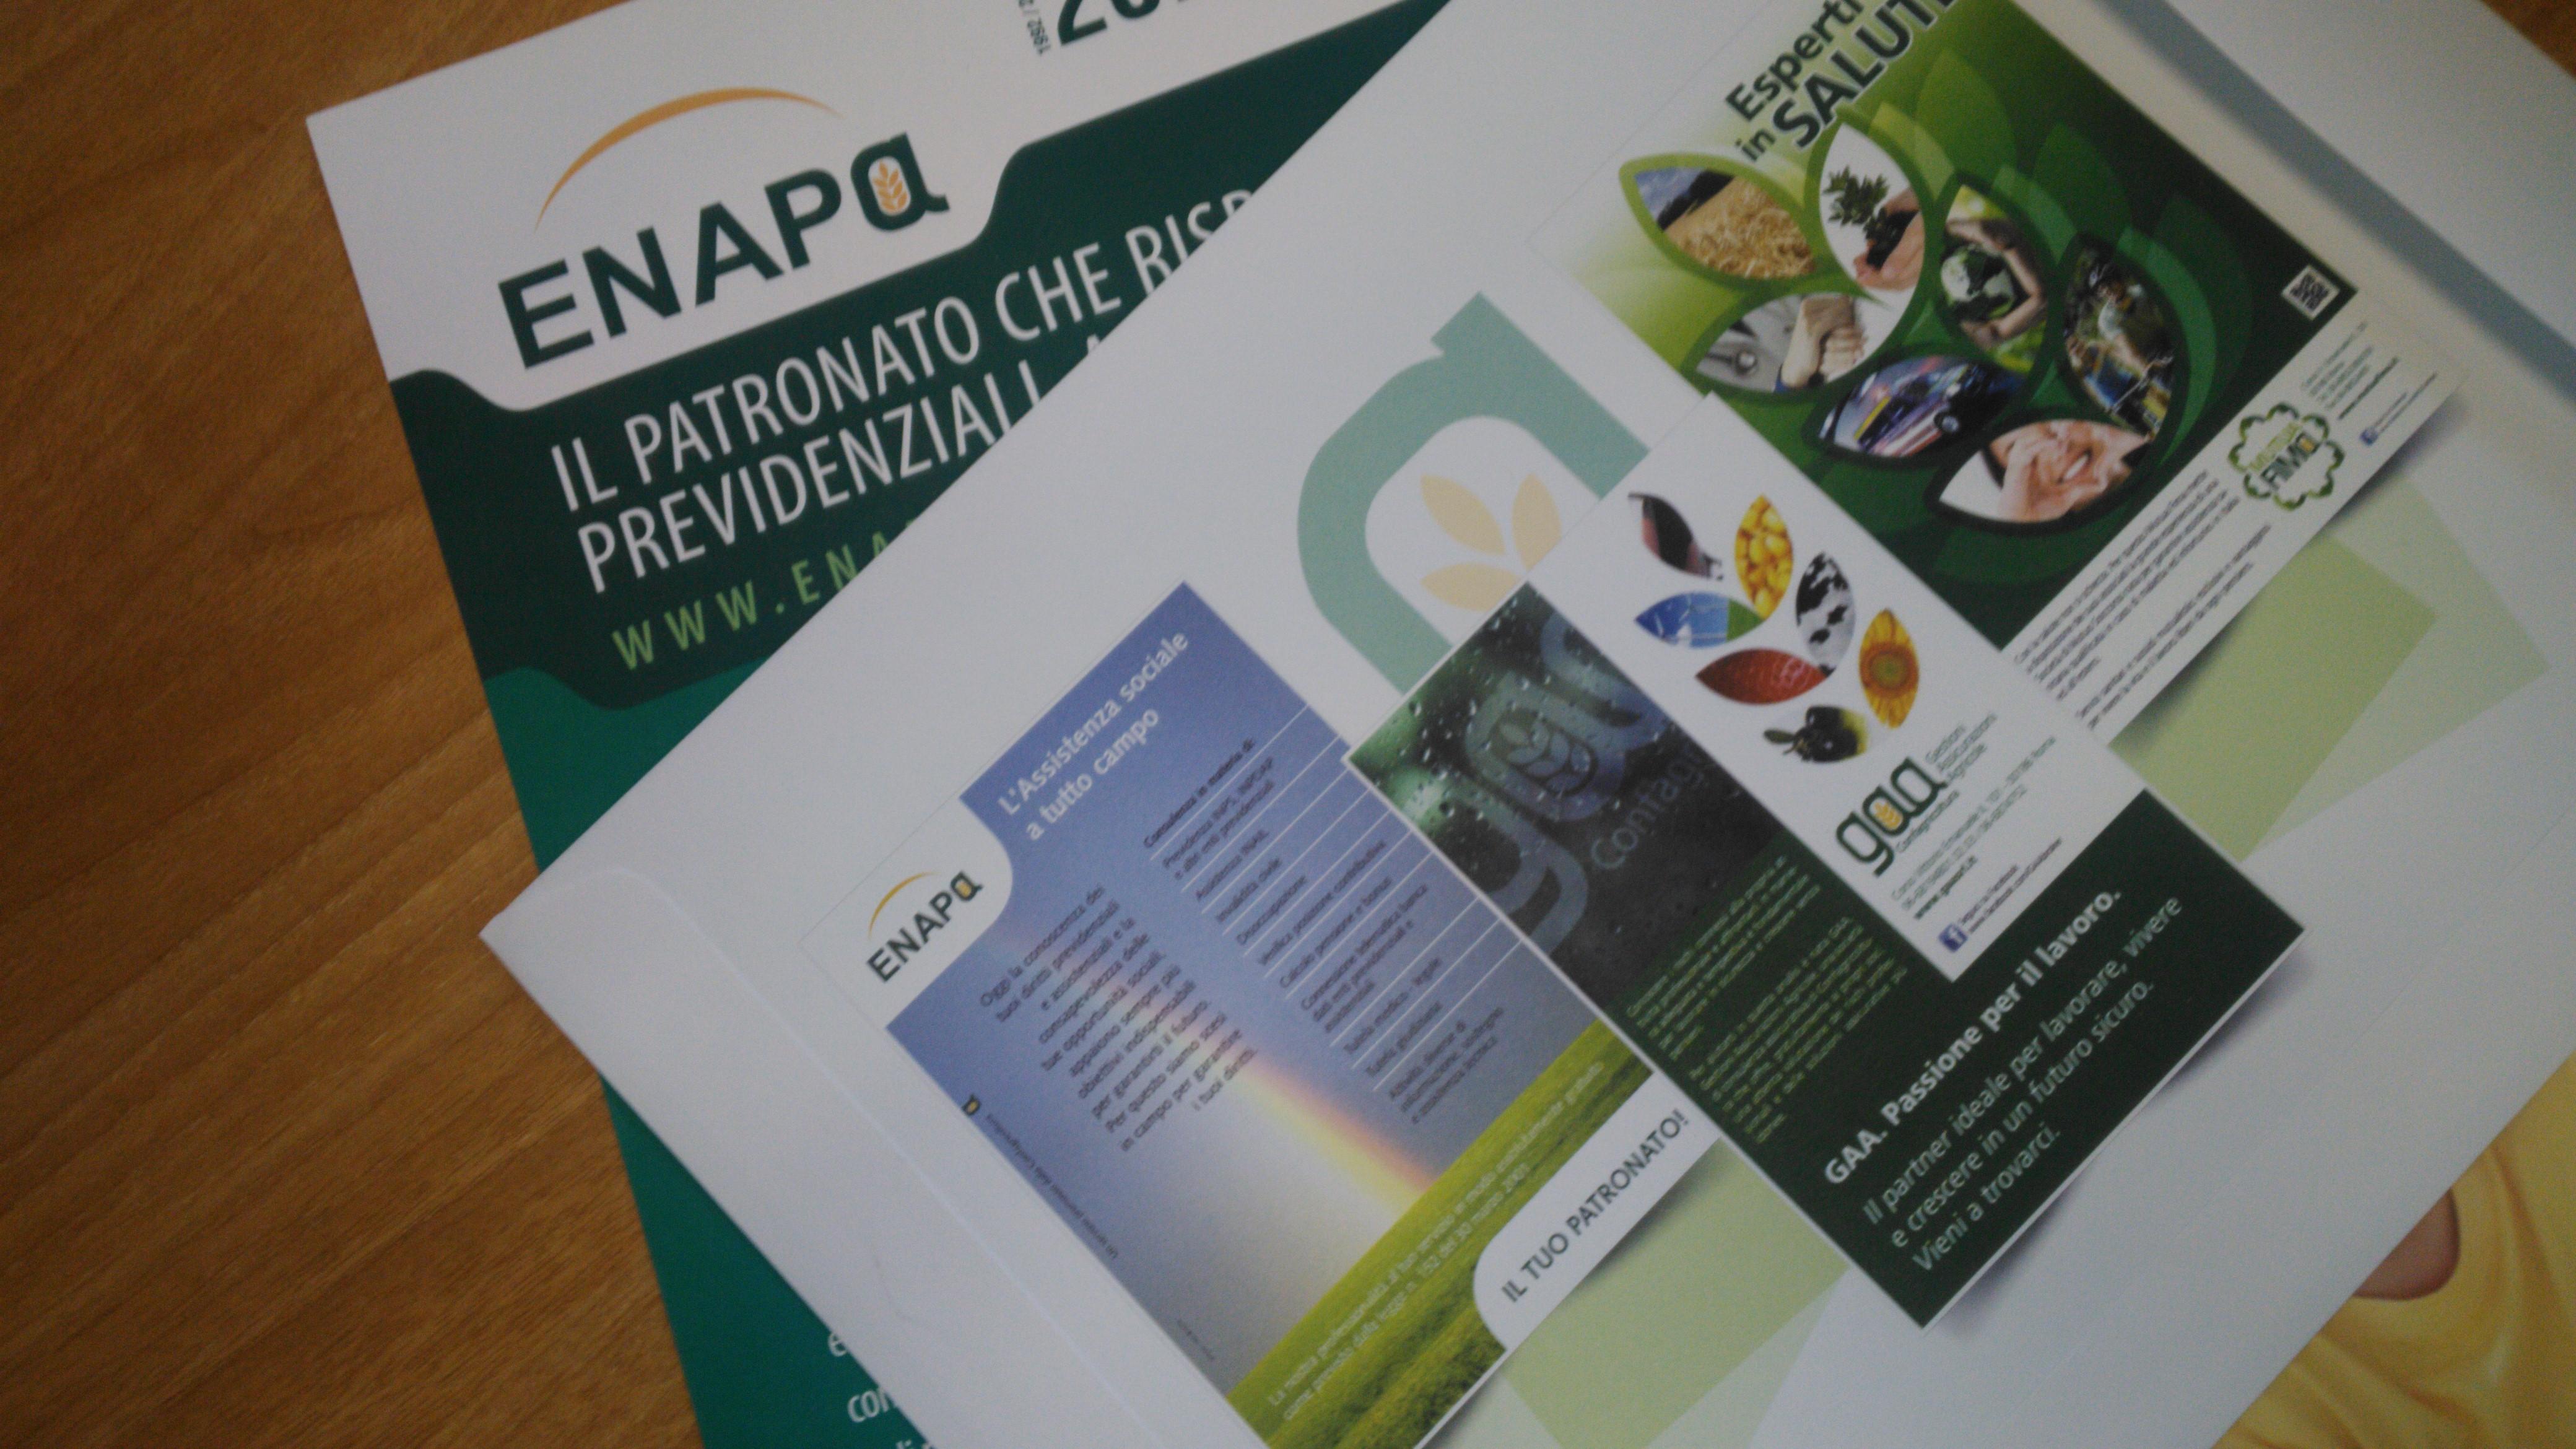 Inaugurazione nuova filiale patronato Enapa